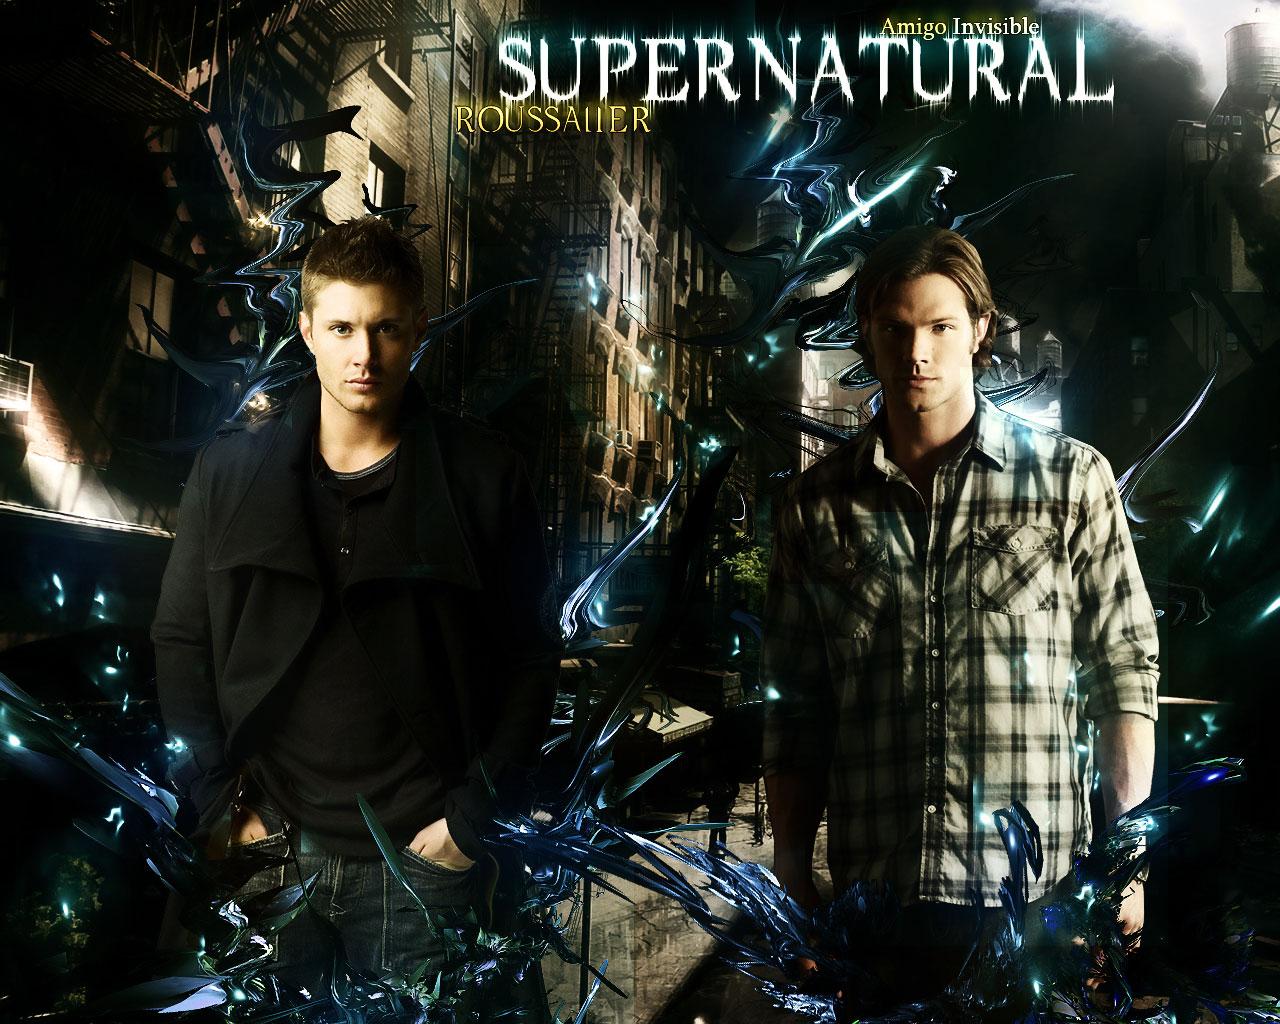 http://1.bp.blogspot.com/-TUw_LQ7yfK8/URMHHzhktyI/AAAAAAAAAlE/XvOlbpvS0_E/s1600/supernatural.jpg